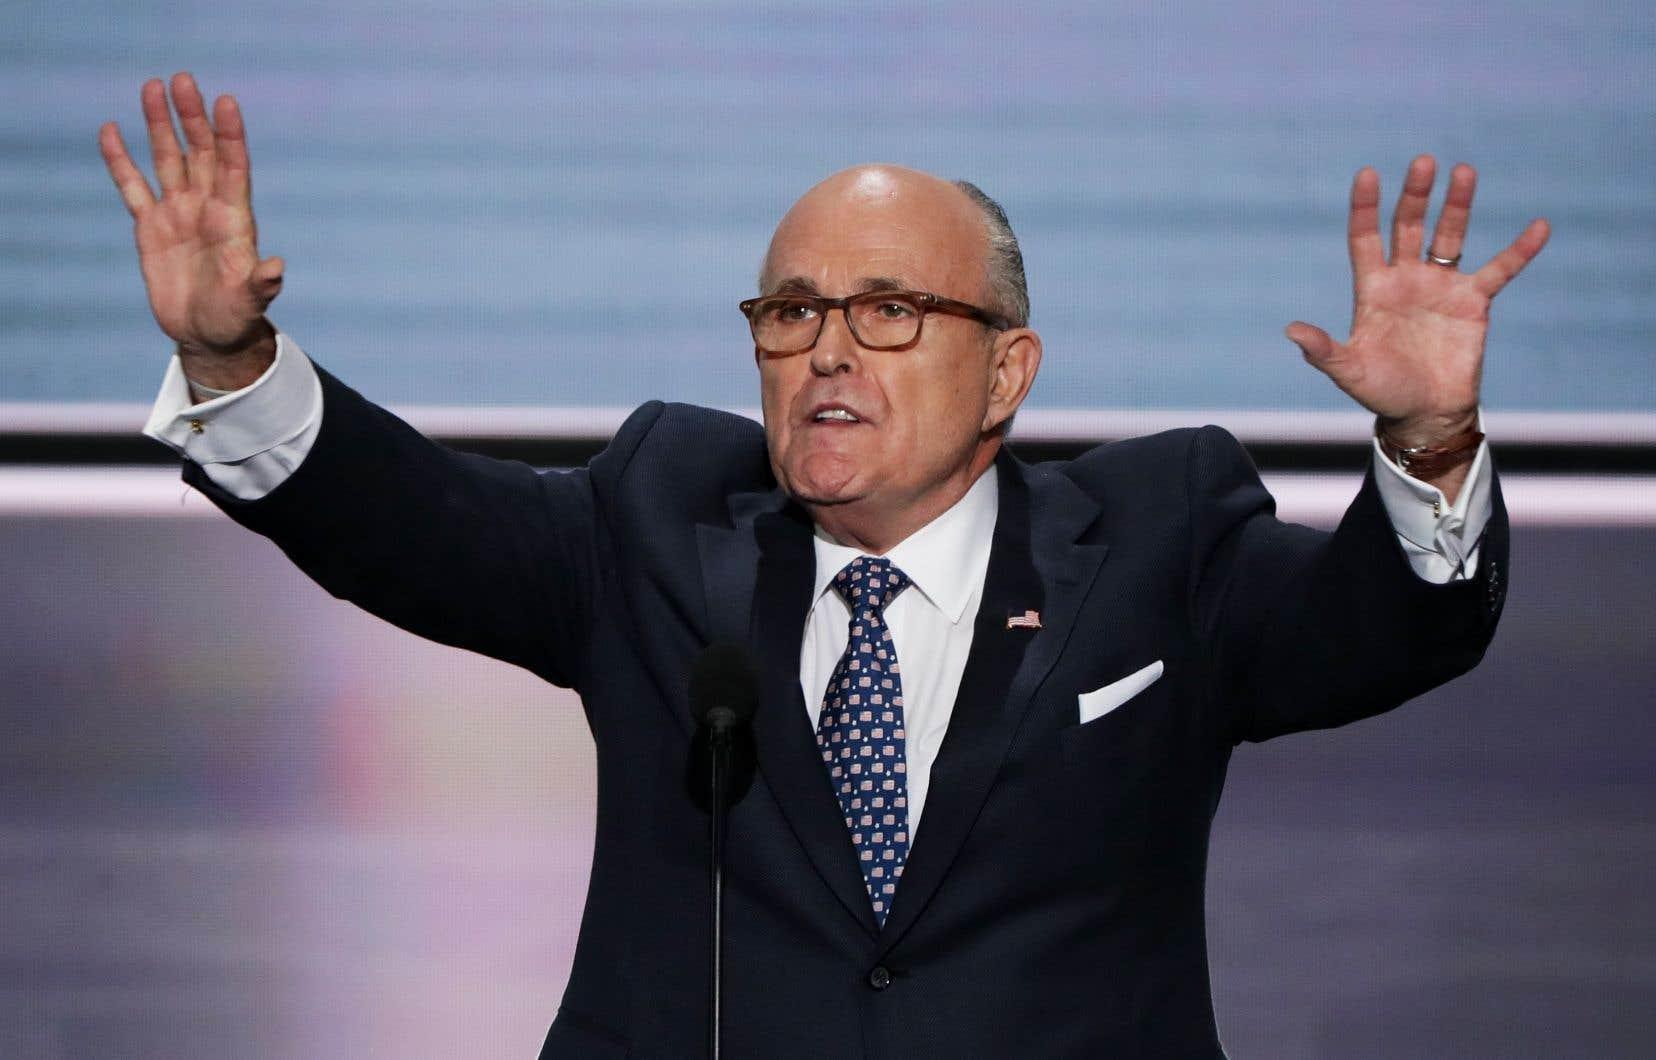 L'avocat personnel du président Donald Trump, Rudy Giuliani